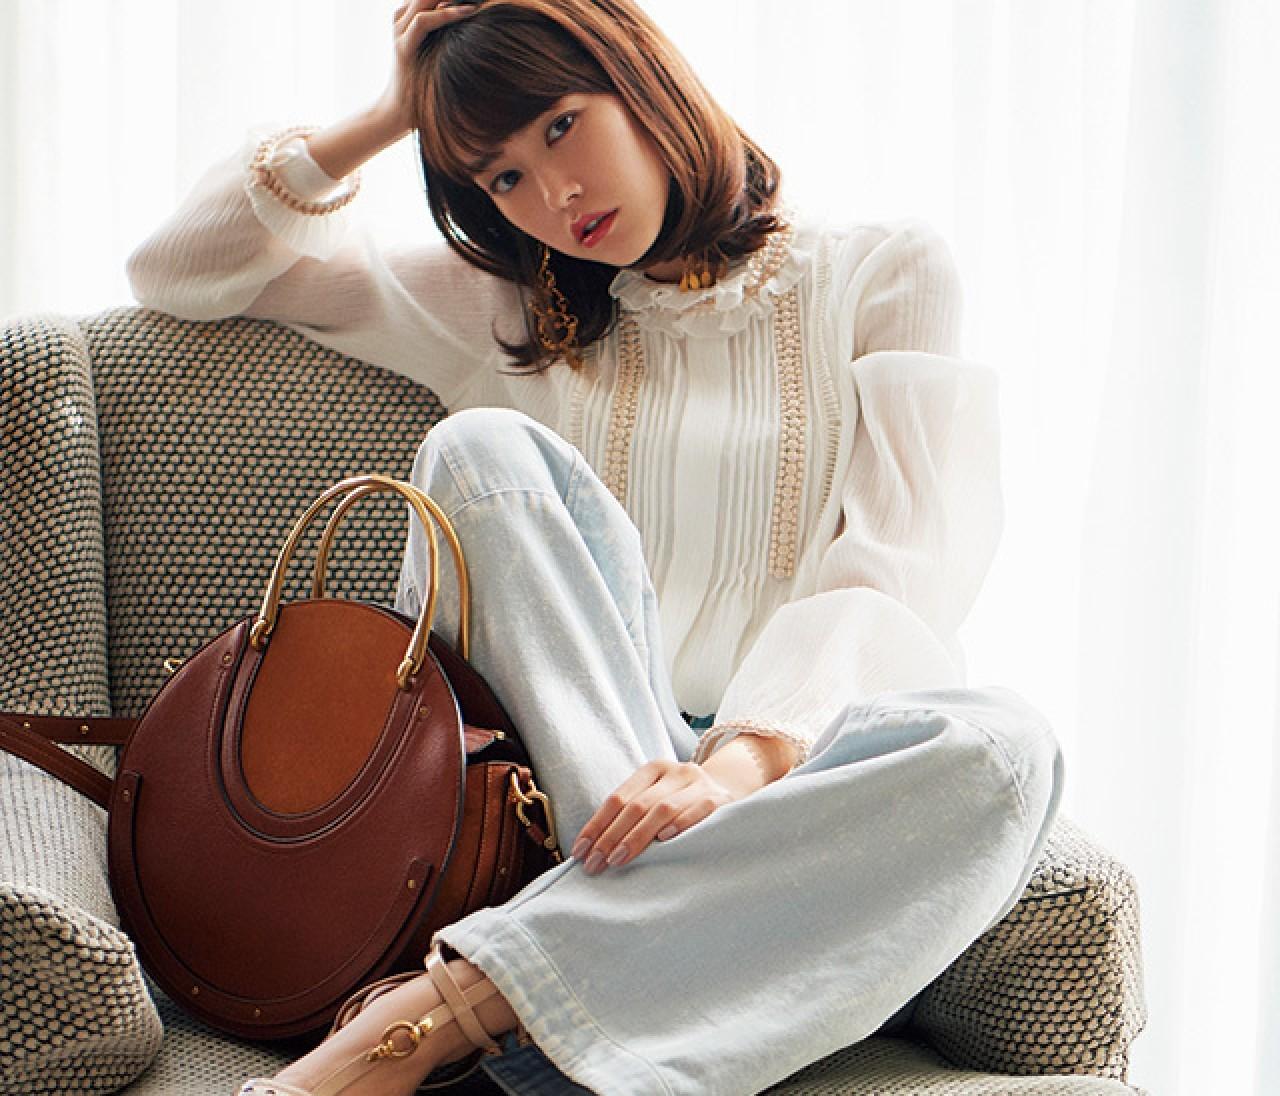 画像一覧 桐谷美玲が恋した、ステディブランドの新作バッグ&シューズ9選